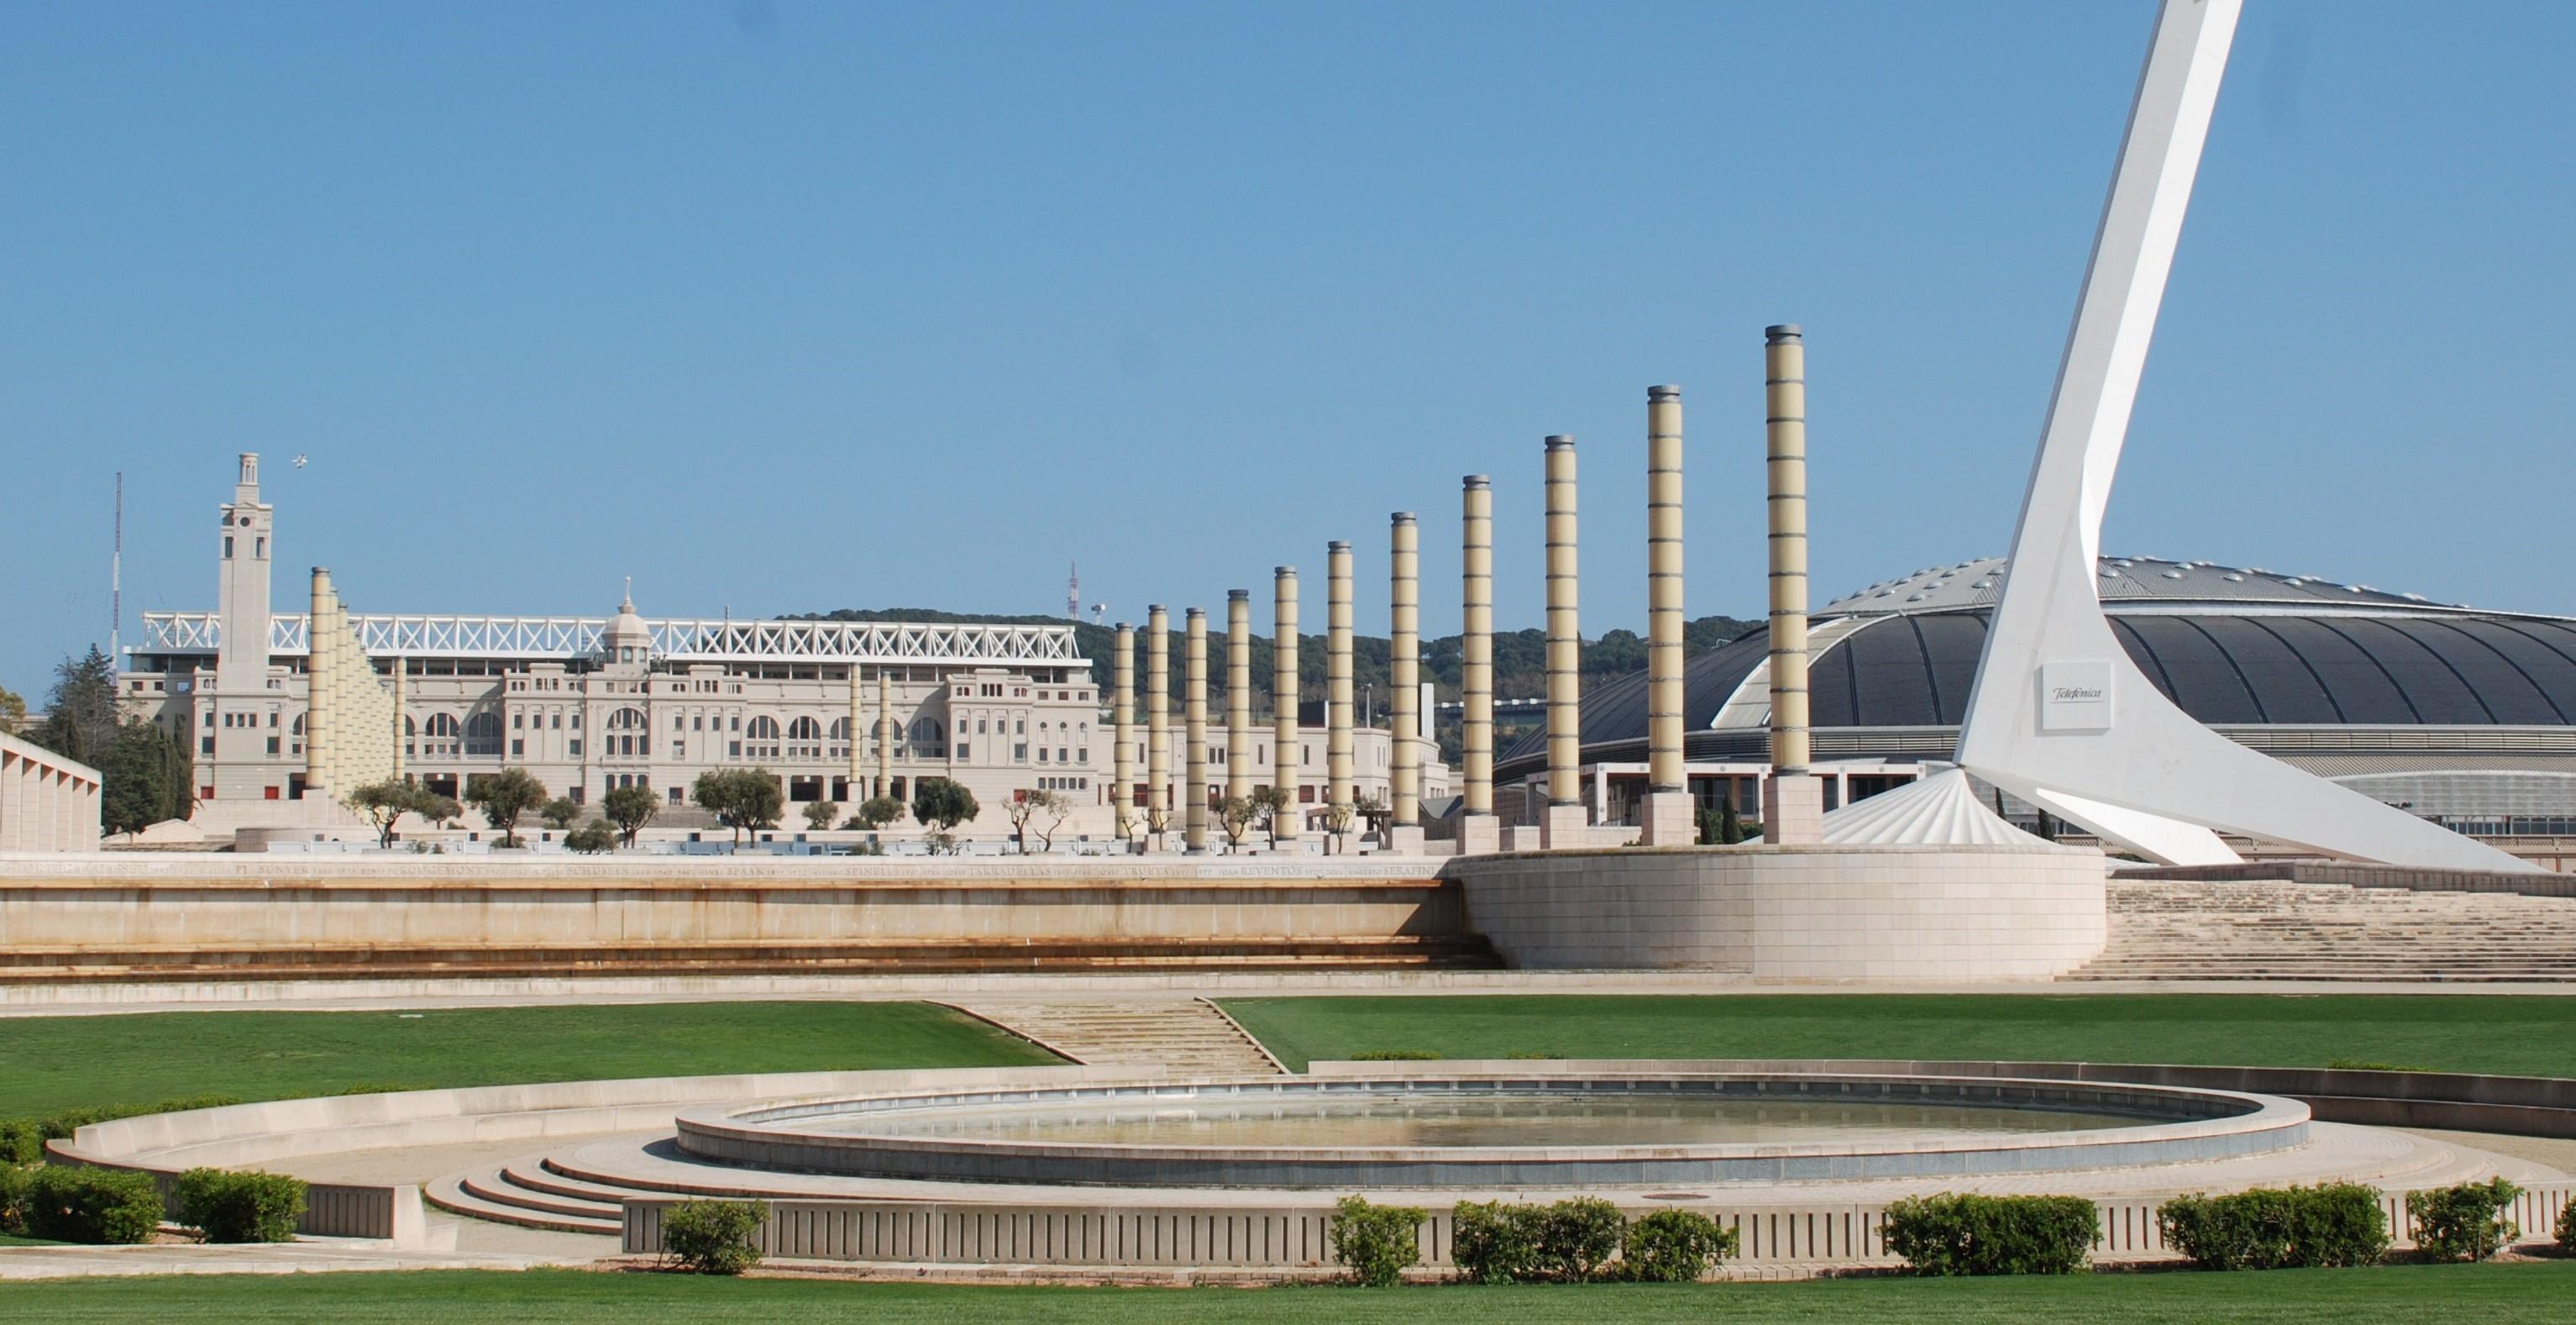 Zona Olímpica Montjuic